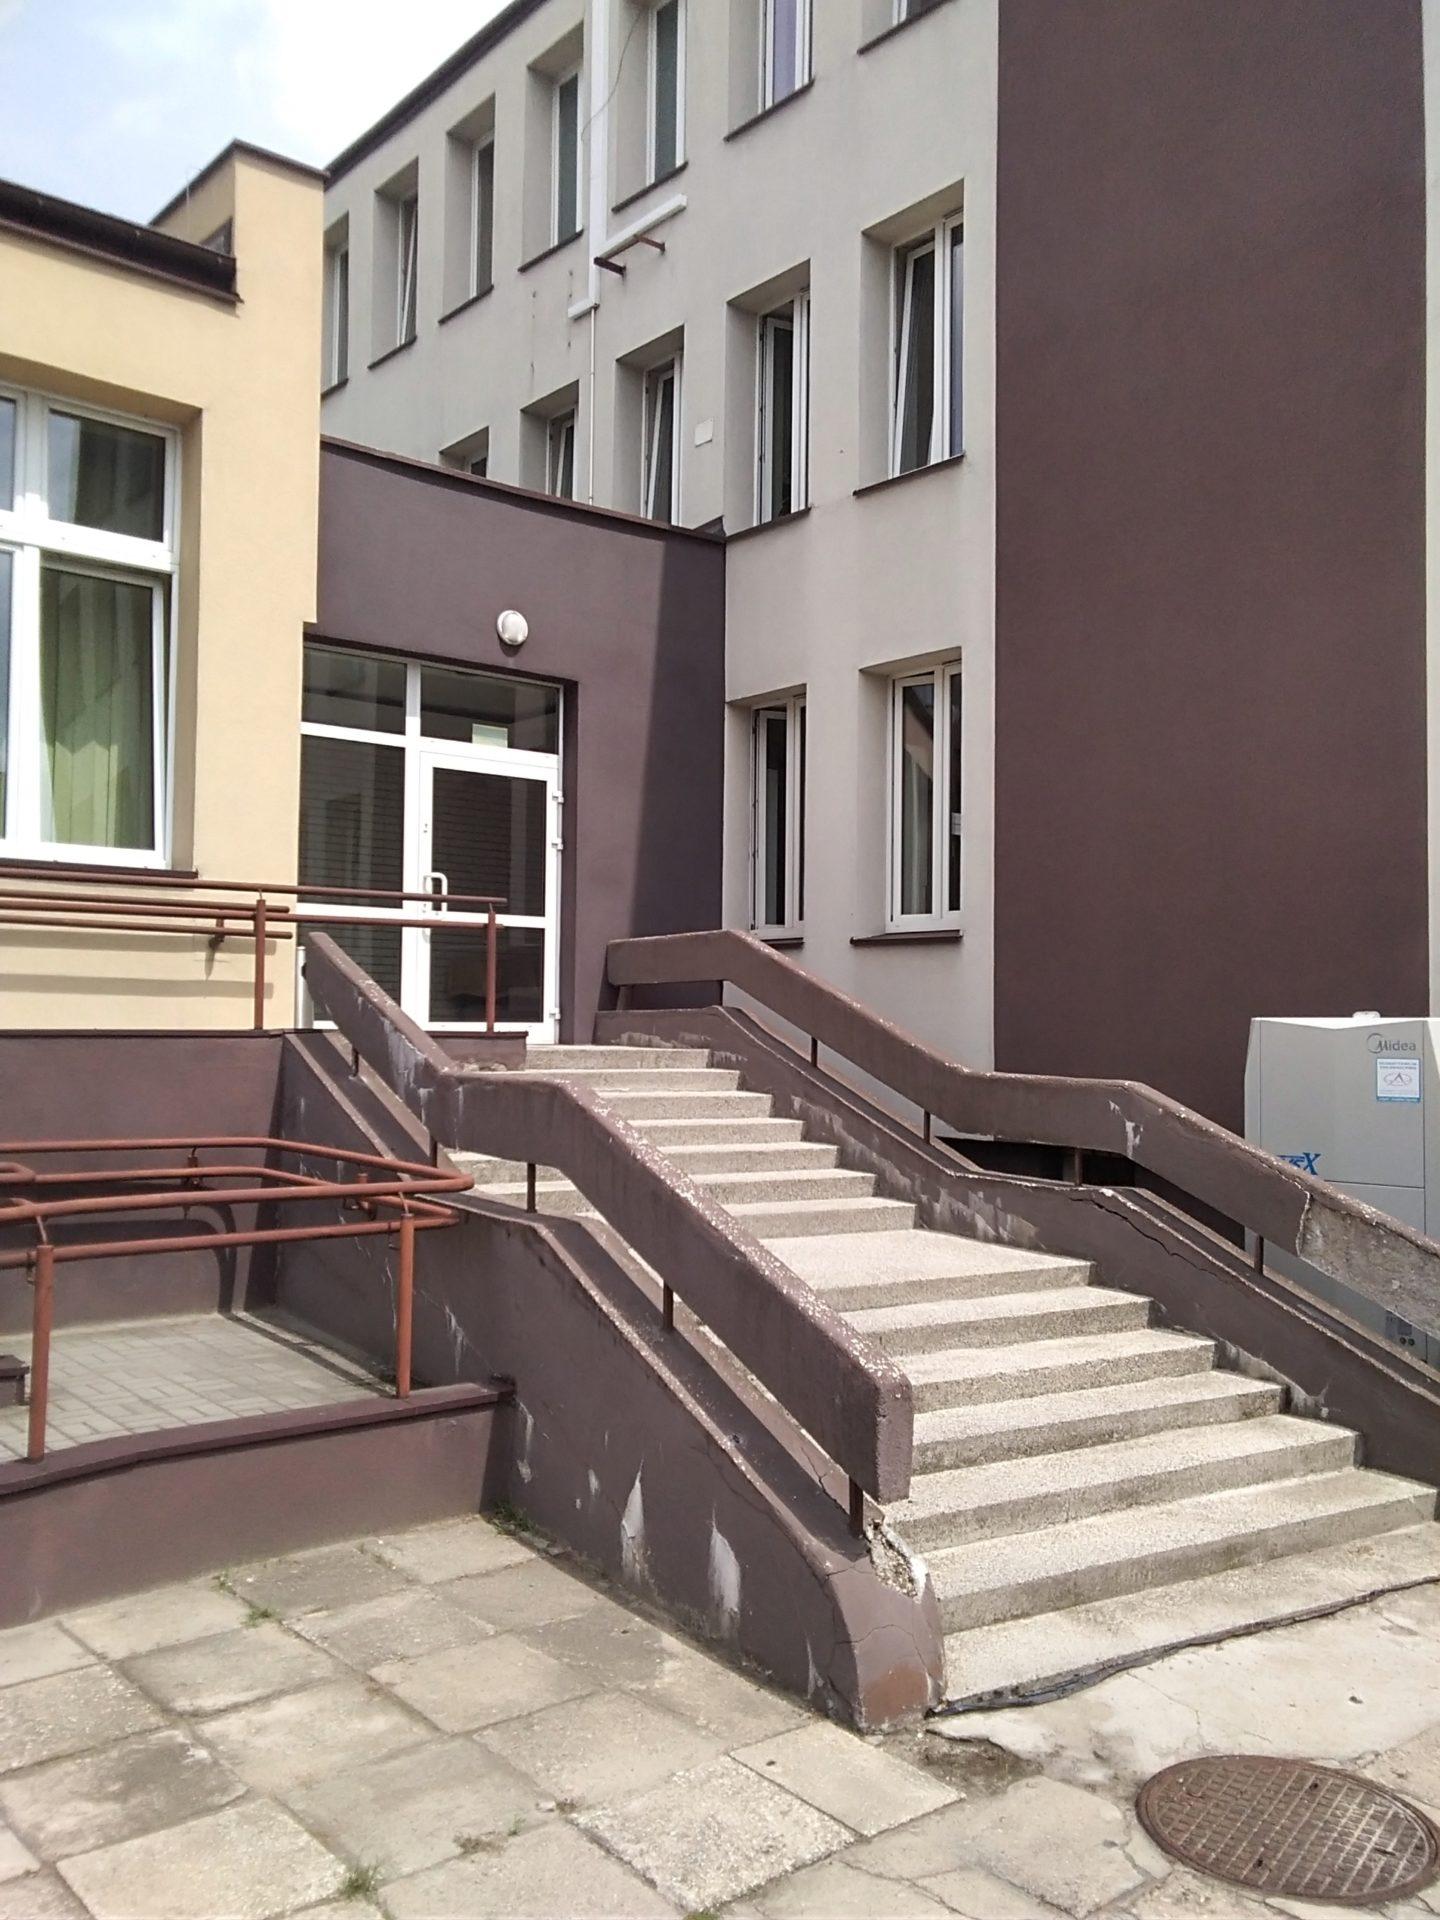 Wejście do Starostwa od strony parkingu